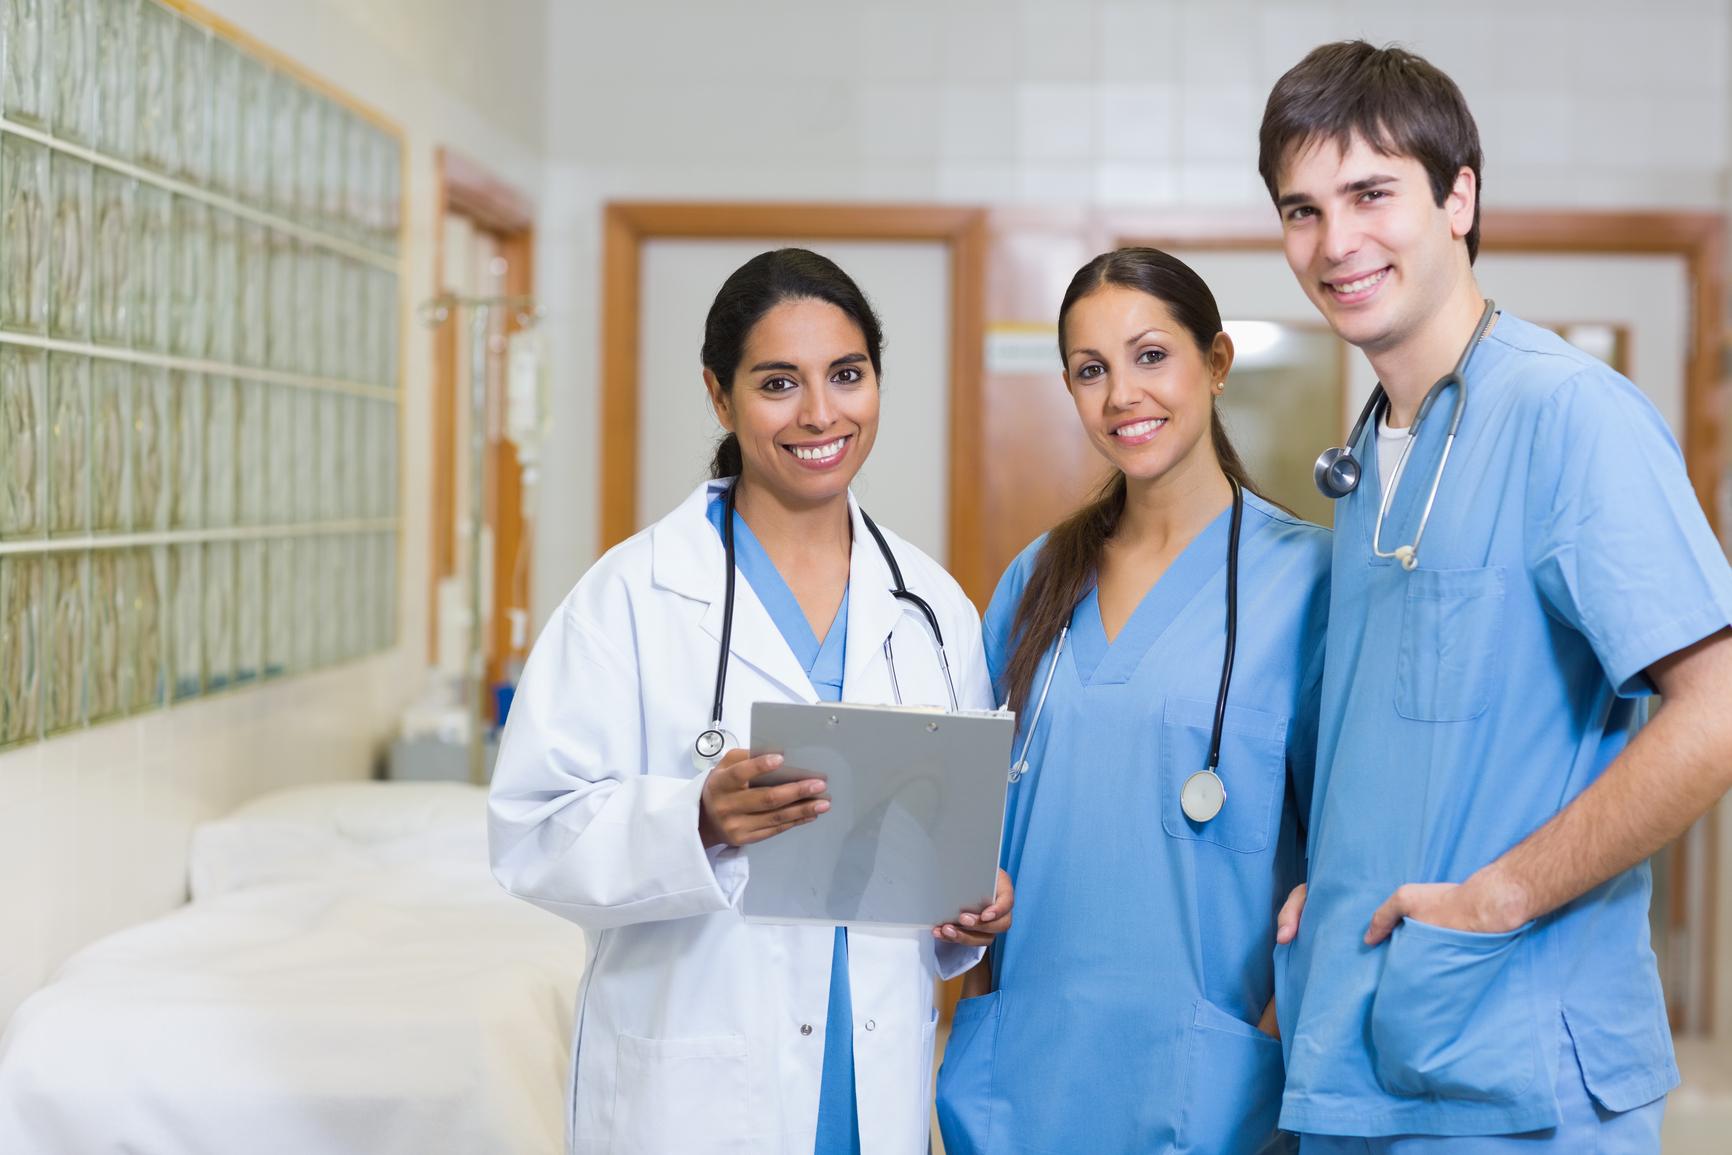 Медсестра высшей квалификации. Фото: nursection.com